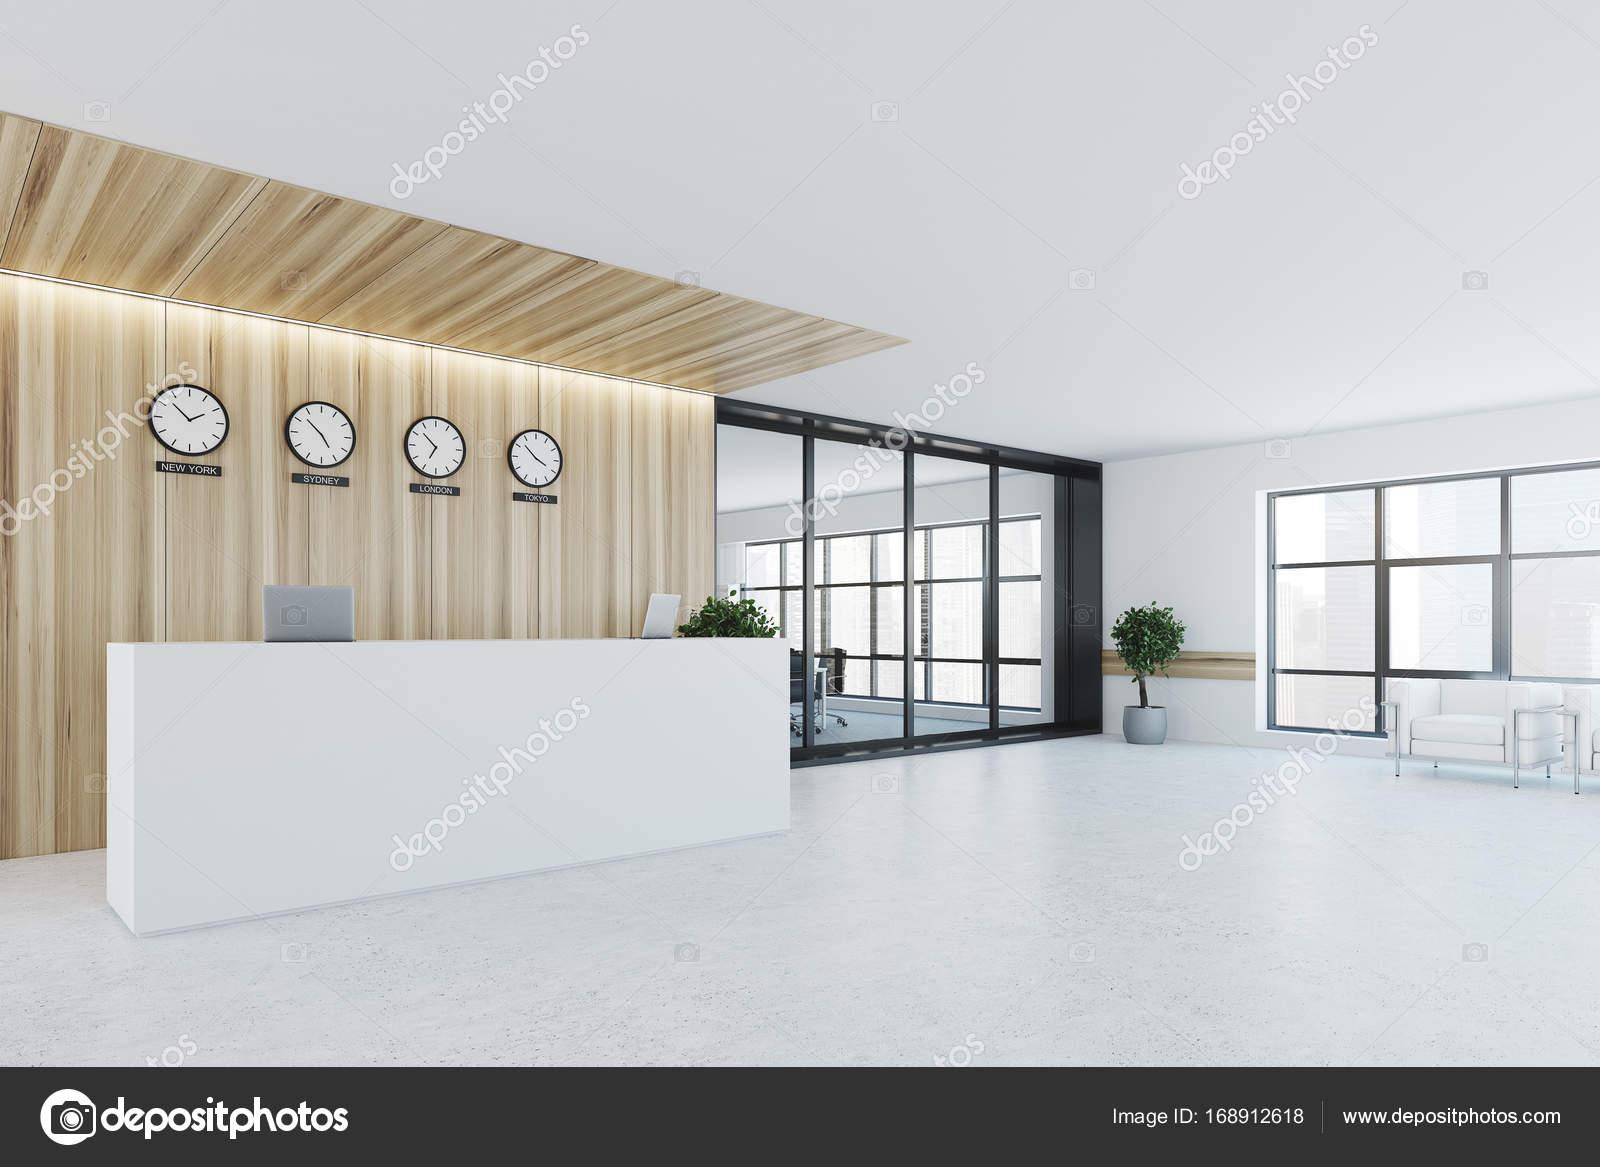 Ufficio Bianco E Legno : Bianca e legno reception sala riunioni lato u foto stock